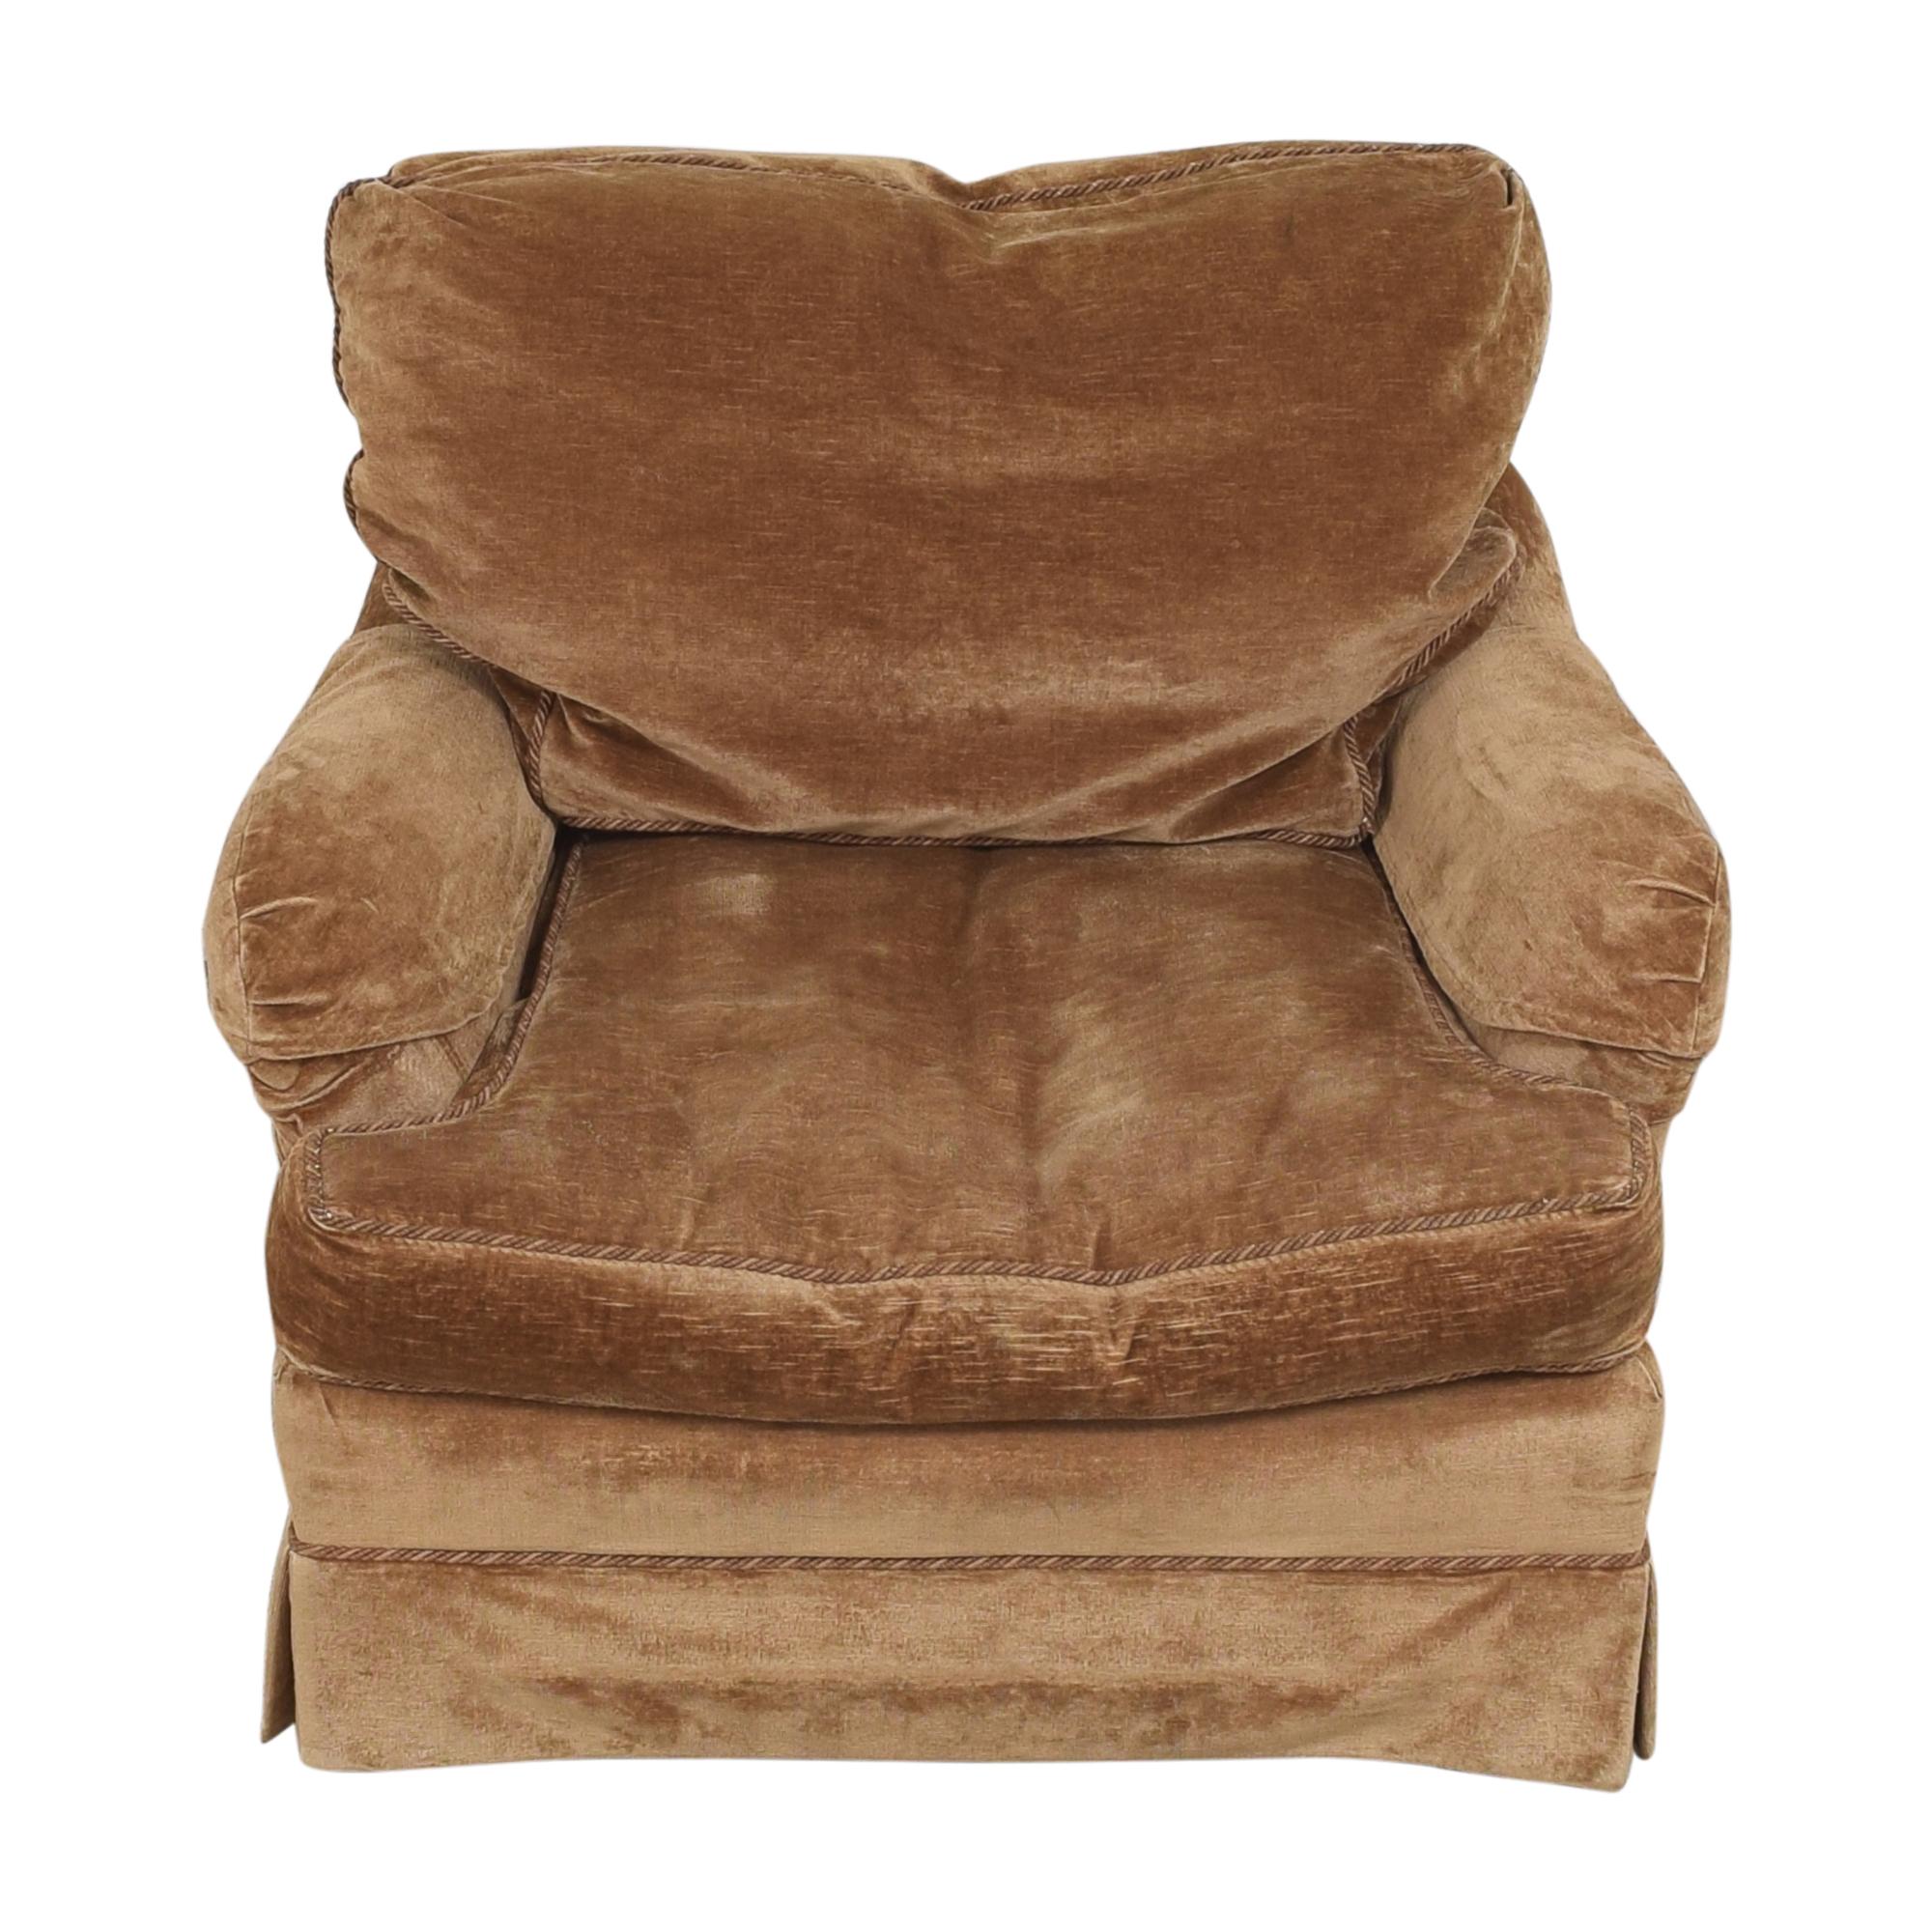 Michael Thomas Michael Thomas Custom Club Chair price